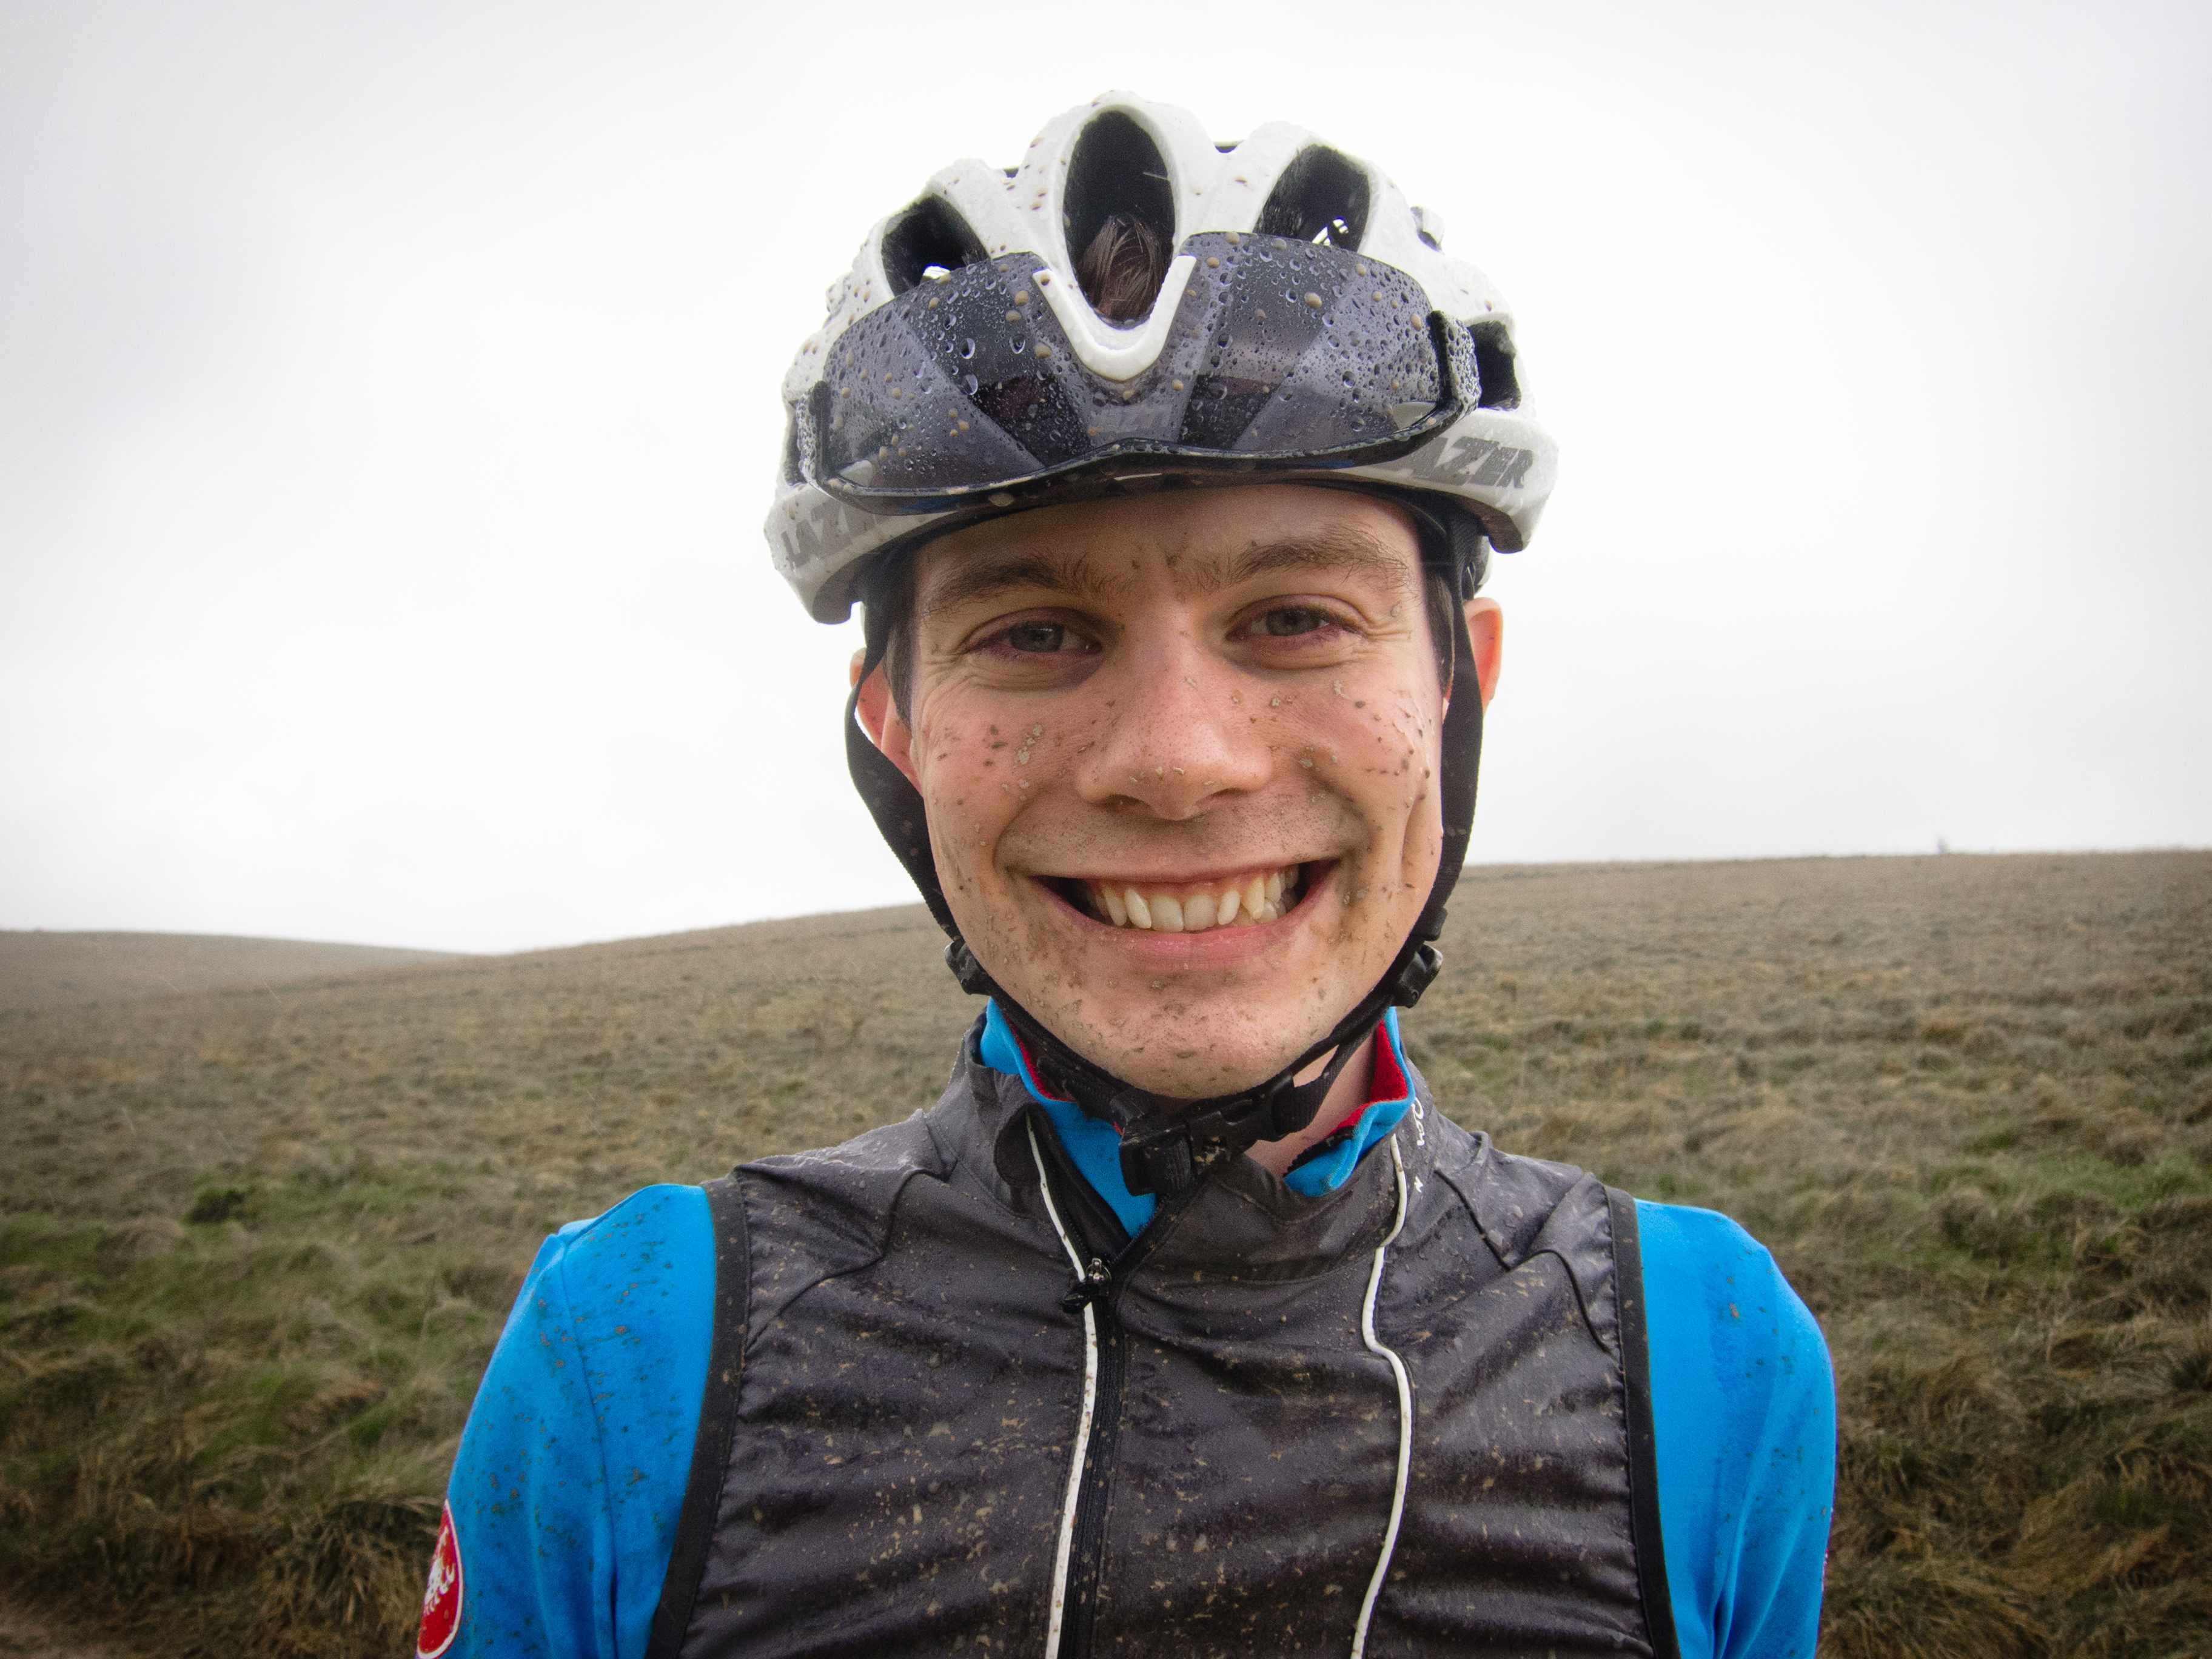 Muddy cyclist Matthew Allen